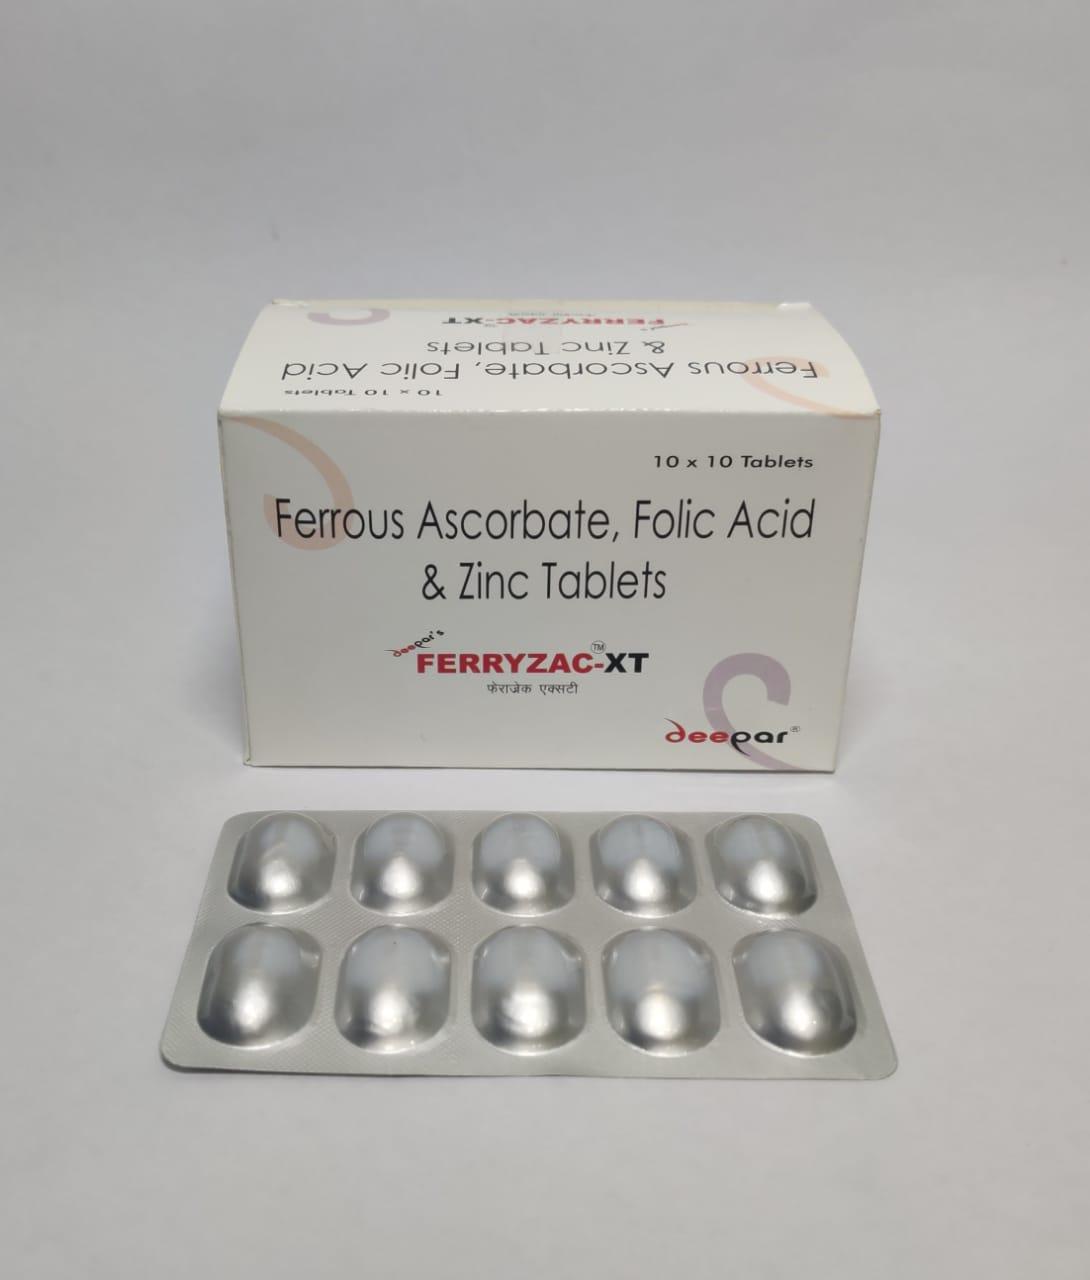 FERRYZAC-XT Tab